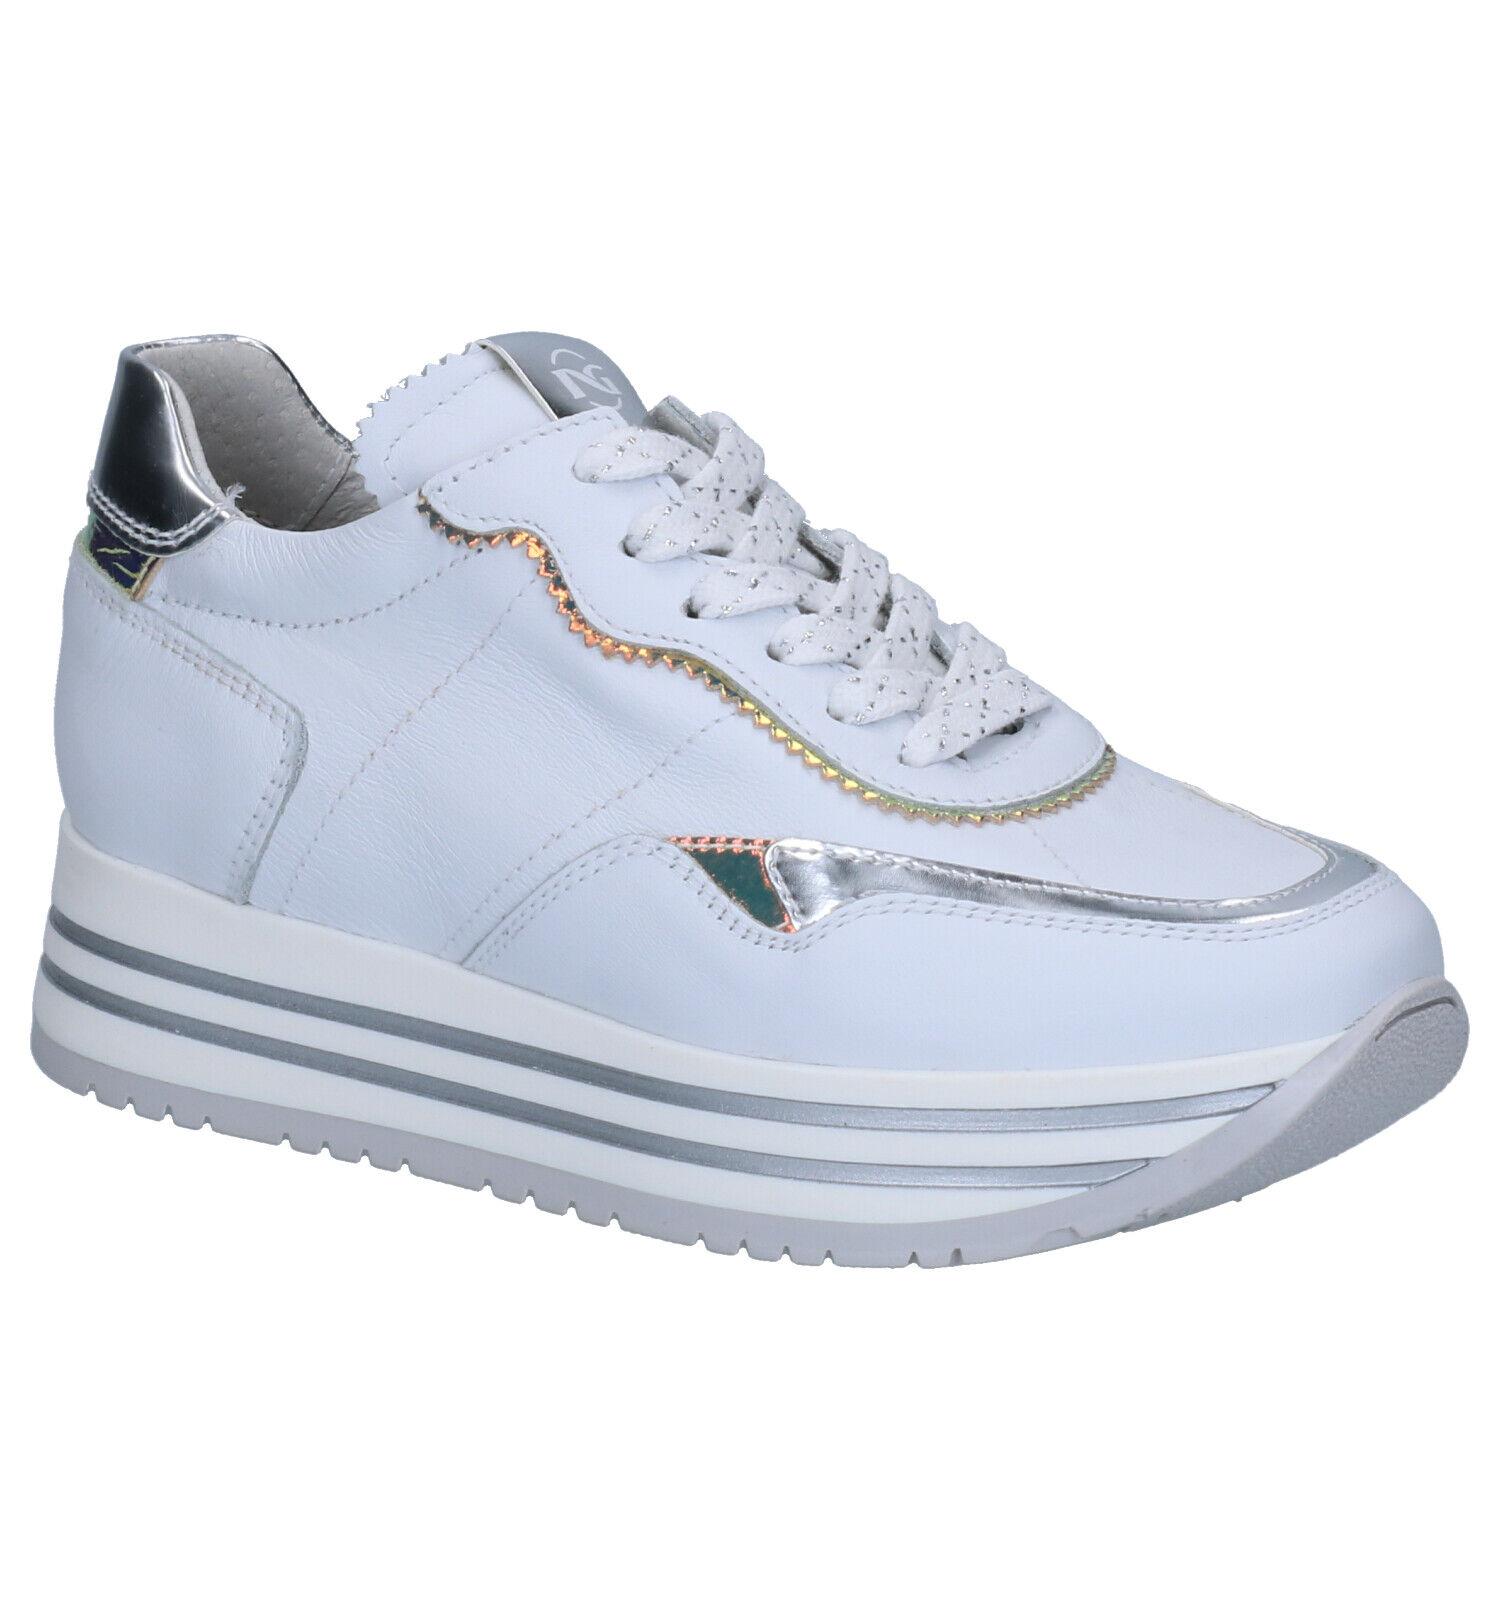 Lage schoenen voor Meisjes | SCHOENENTORFS.NL | Gratis